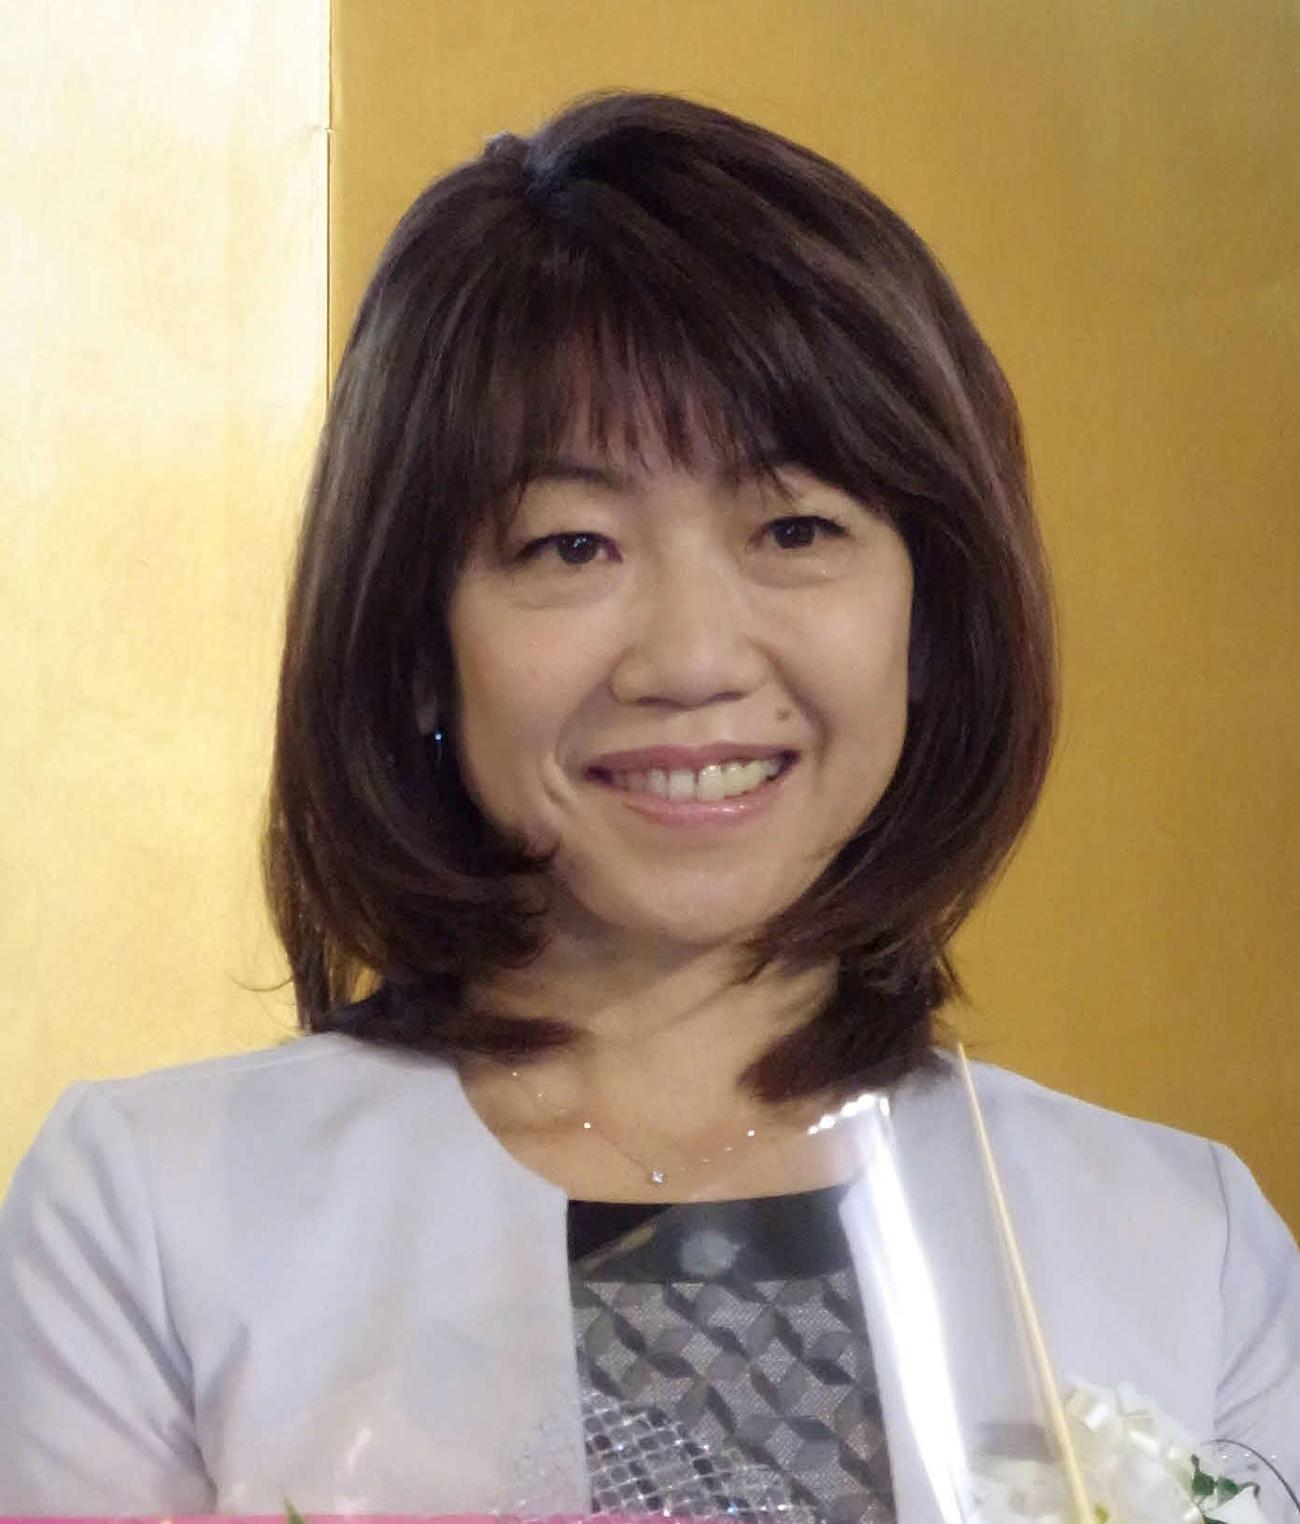 高橋尚子(2020年10月27日撮影)